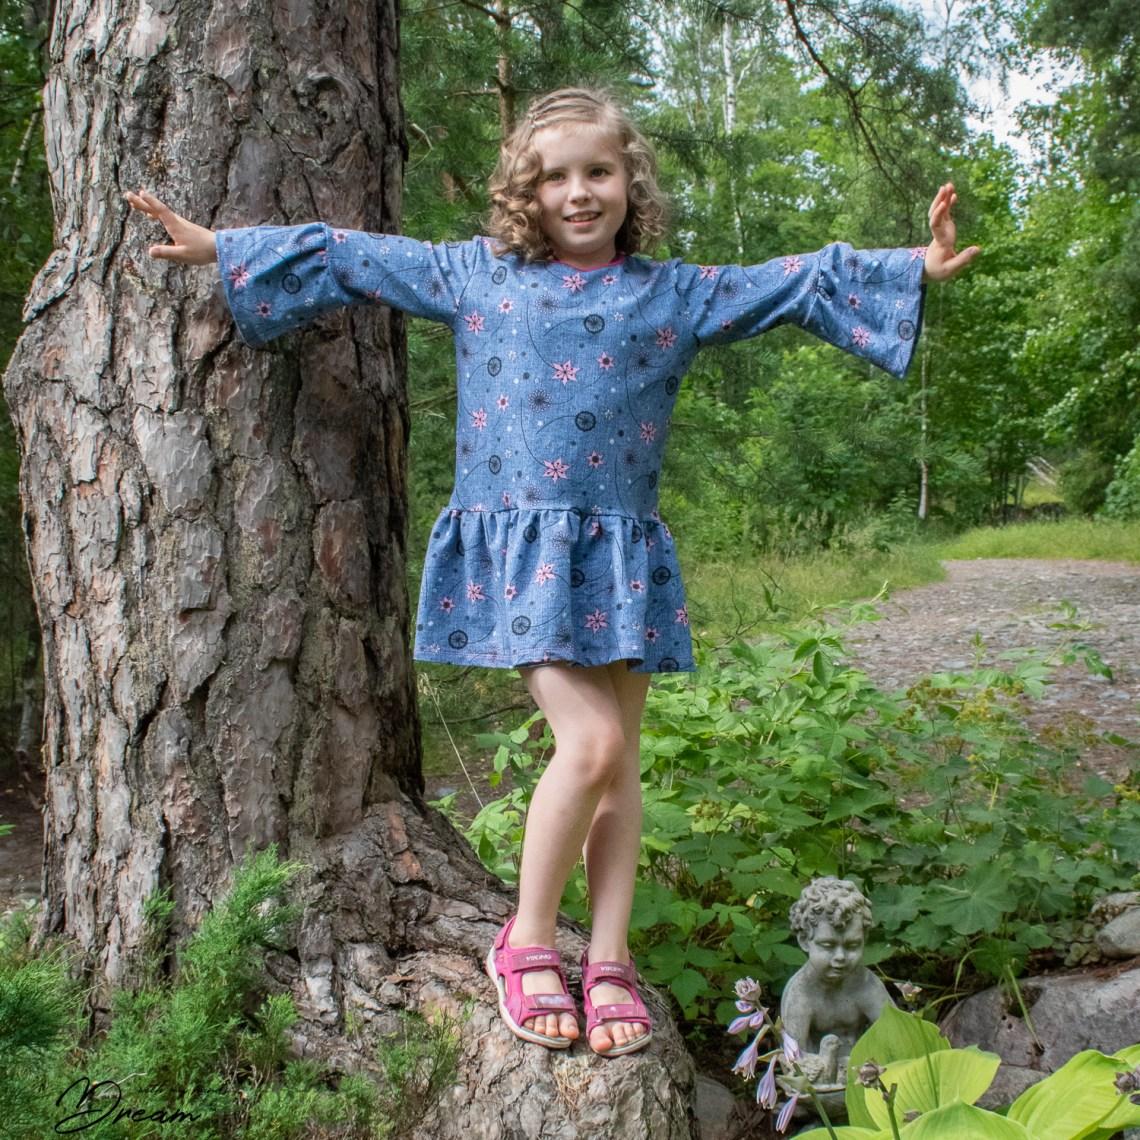 Zicca Flowerpower dress.